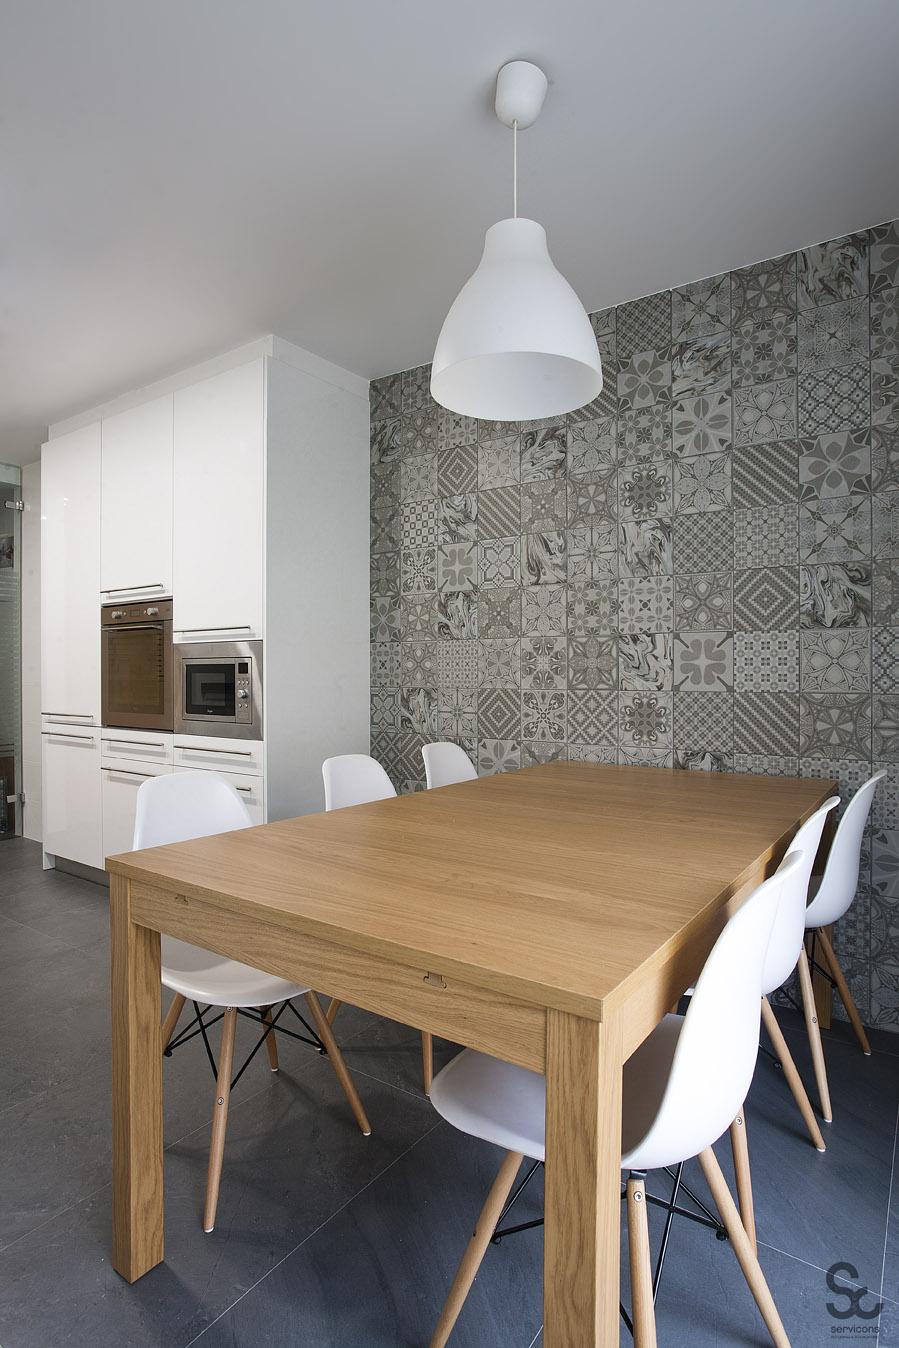 Stunning Mesas Madera Cocina Photos - Casas: Ideas & diseños ...